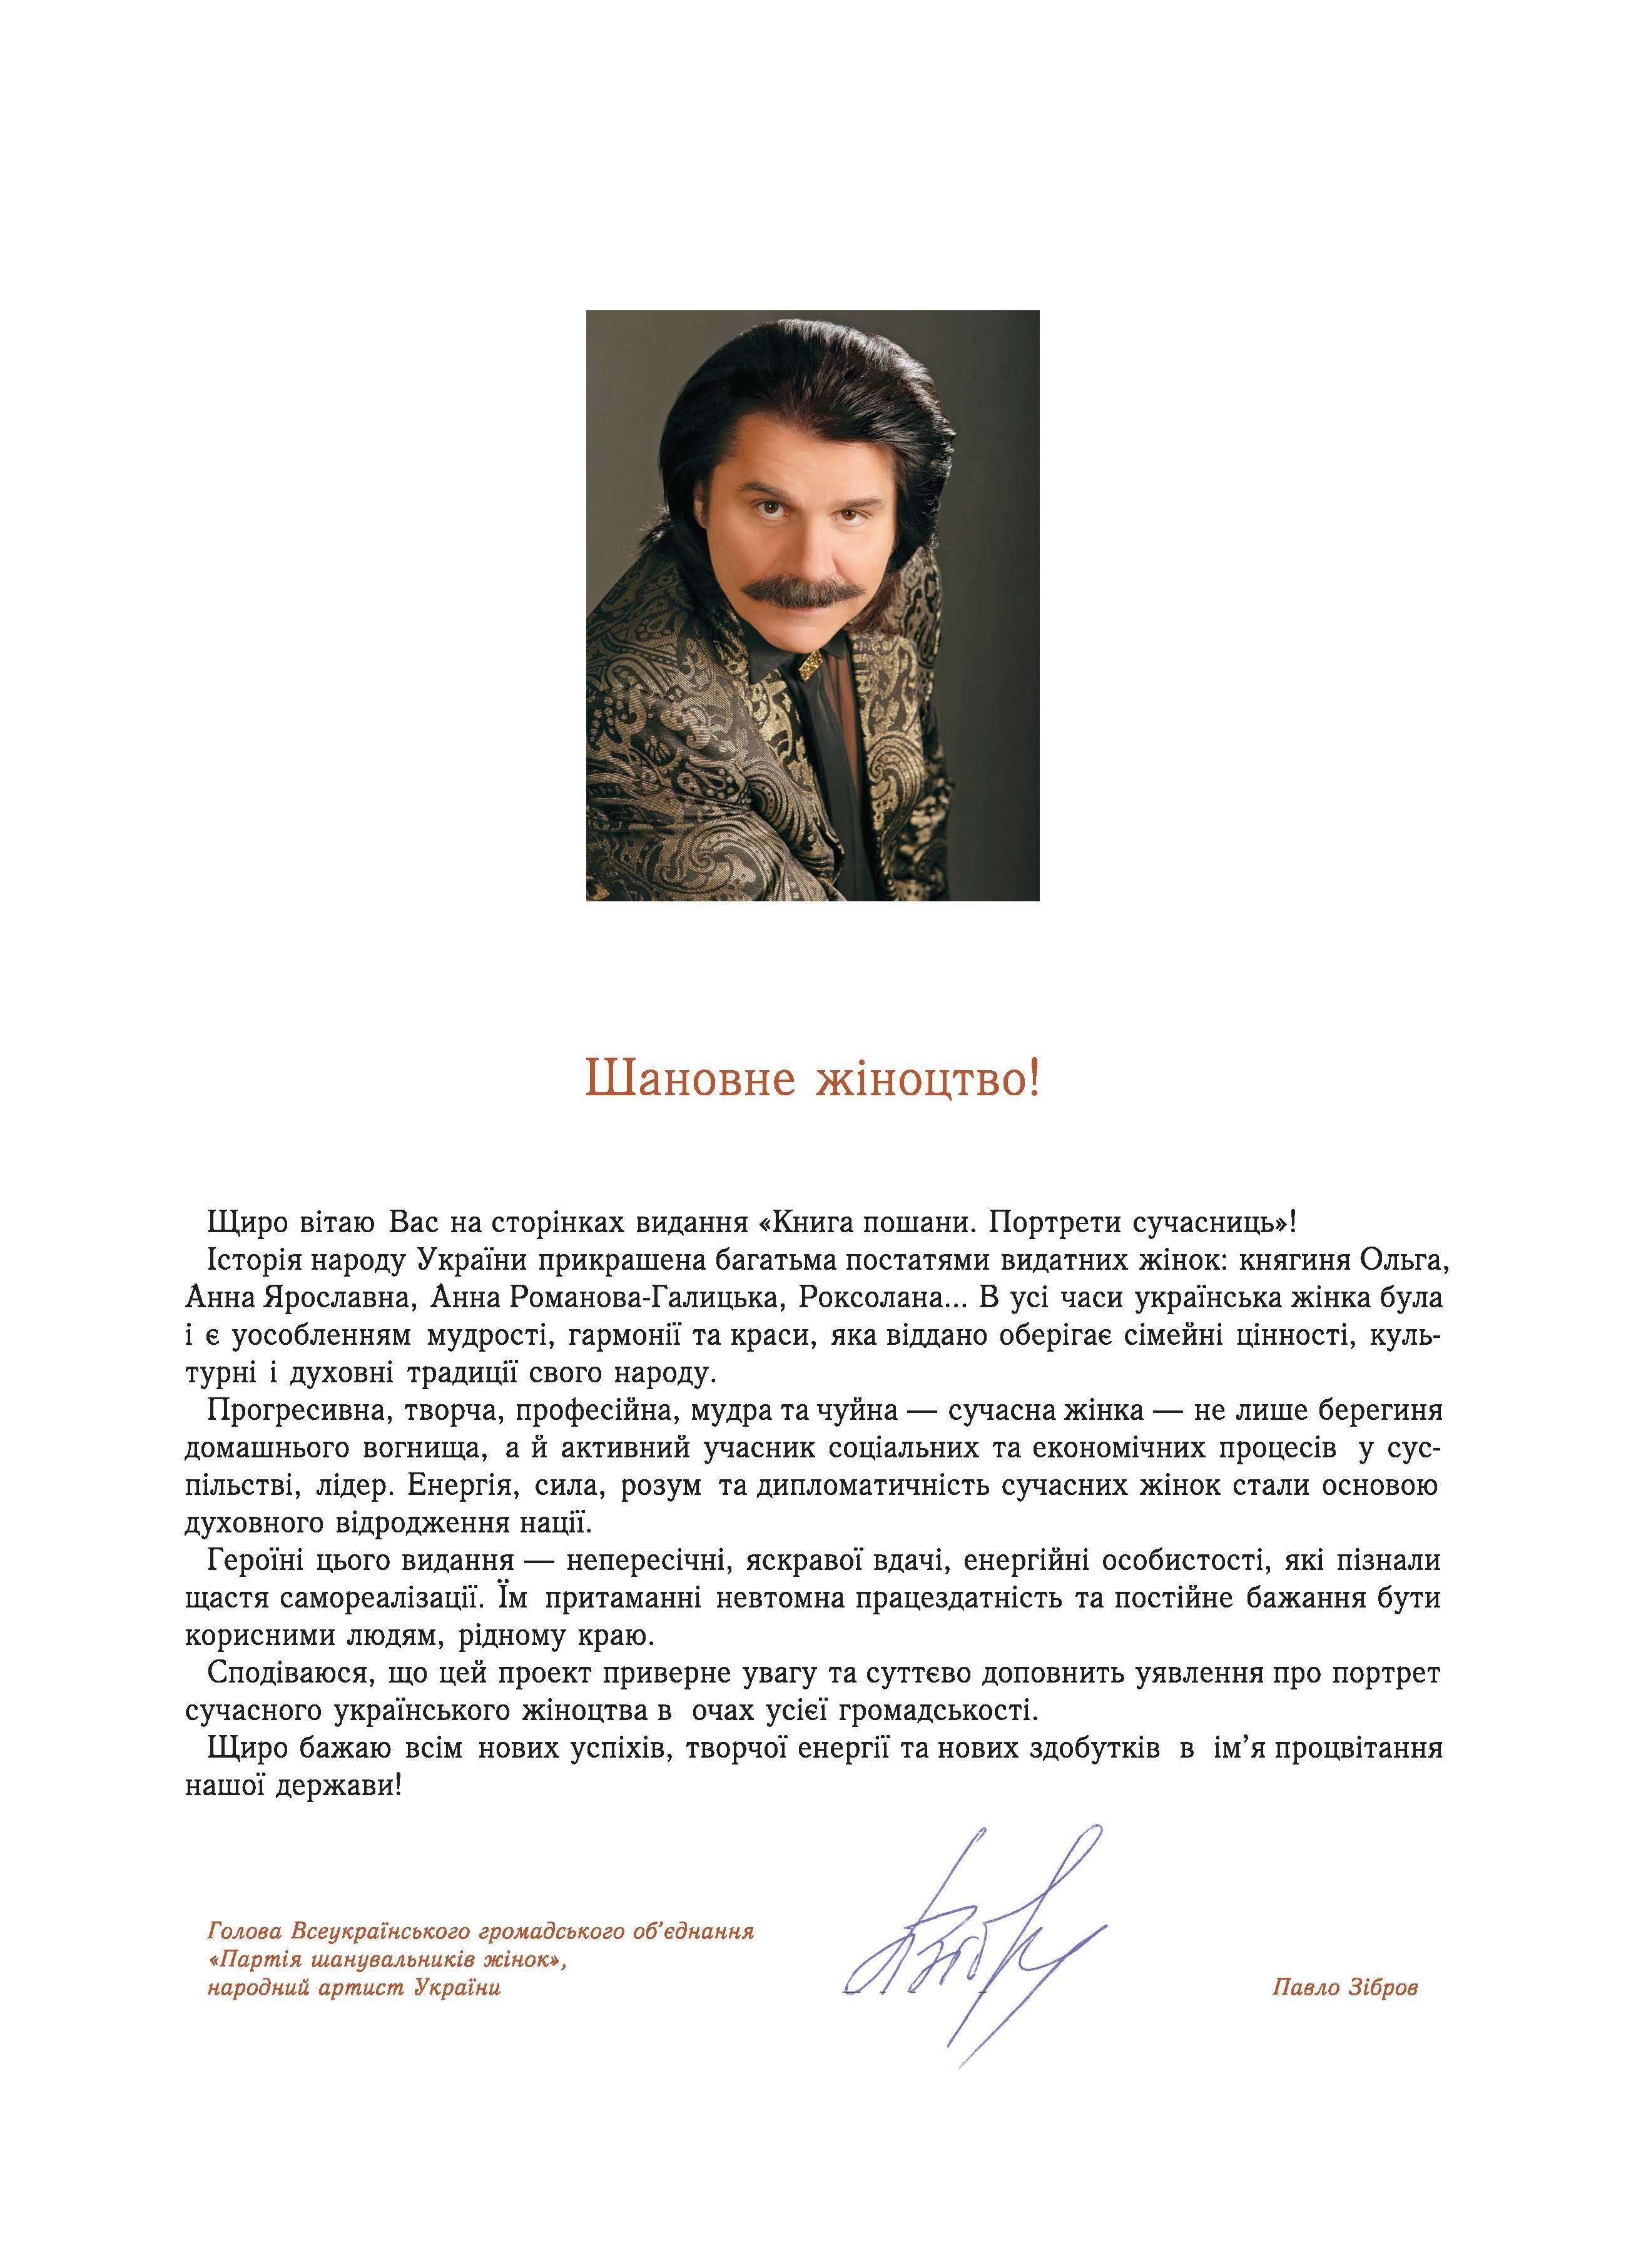 Звернення до читачів Зіброва Павла Миколайовича - народного артиста України